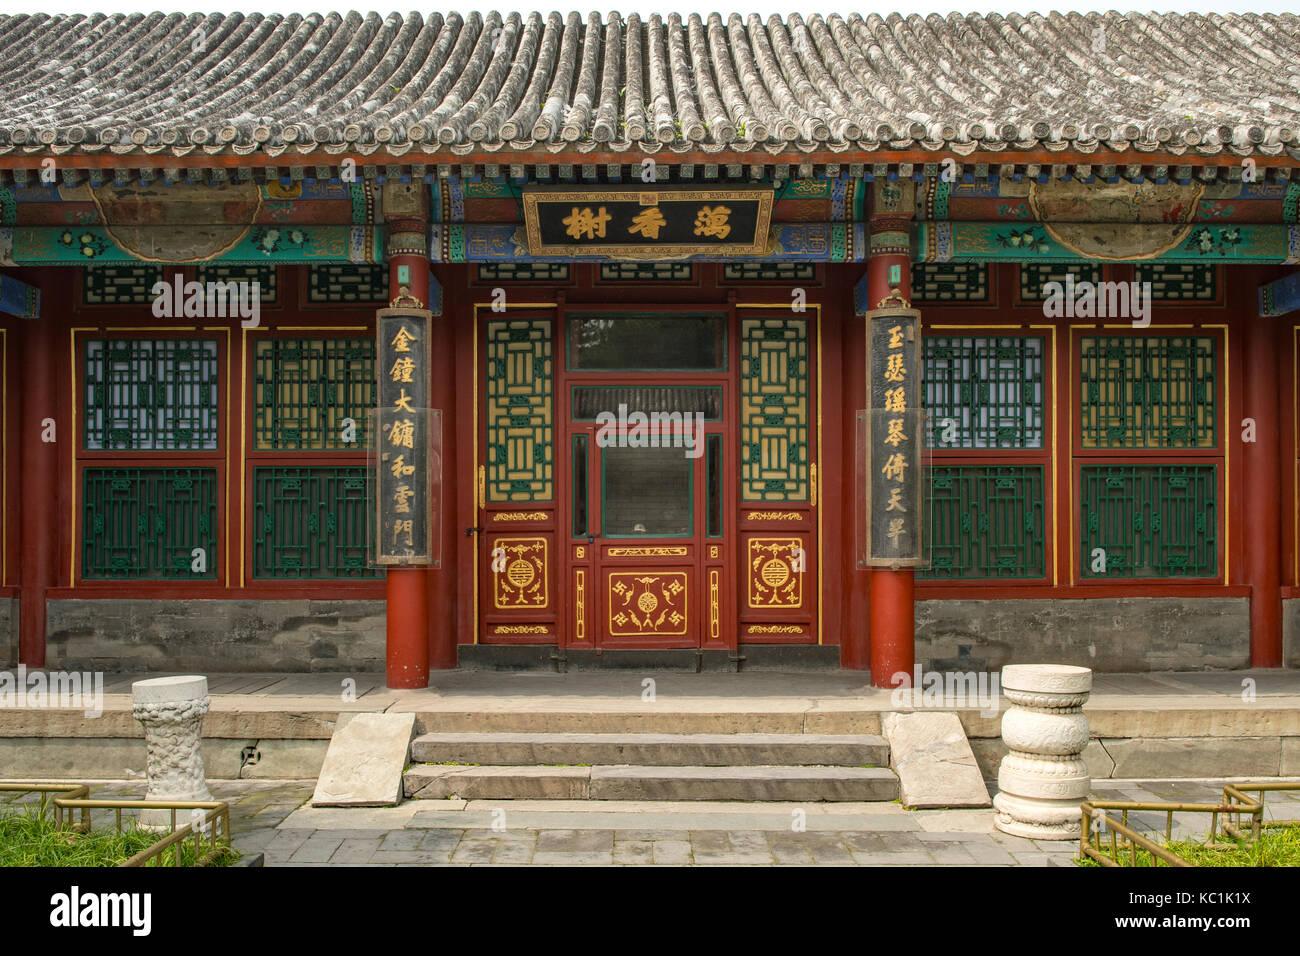 Jade Palace Stock Photos & Jade Palace Stock Images - Alamy